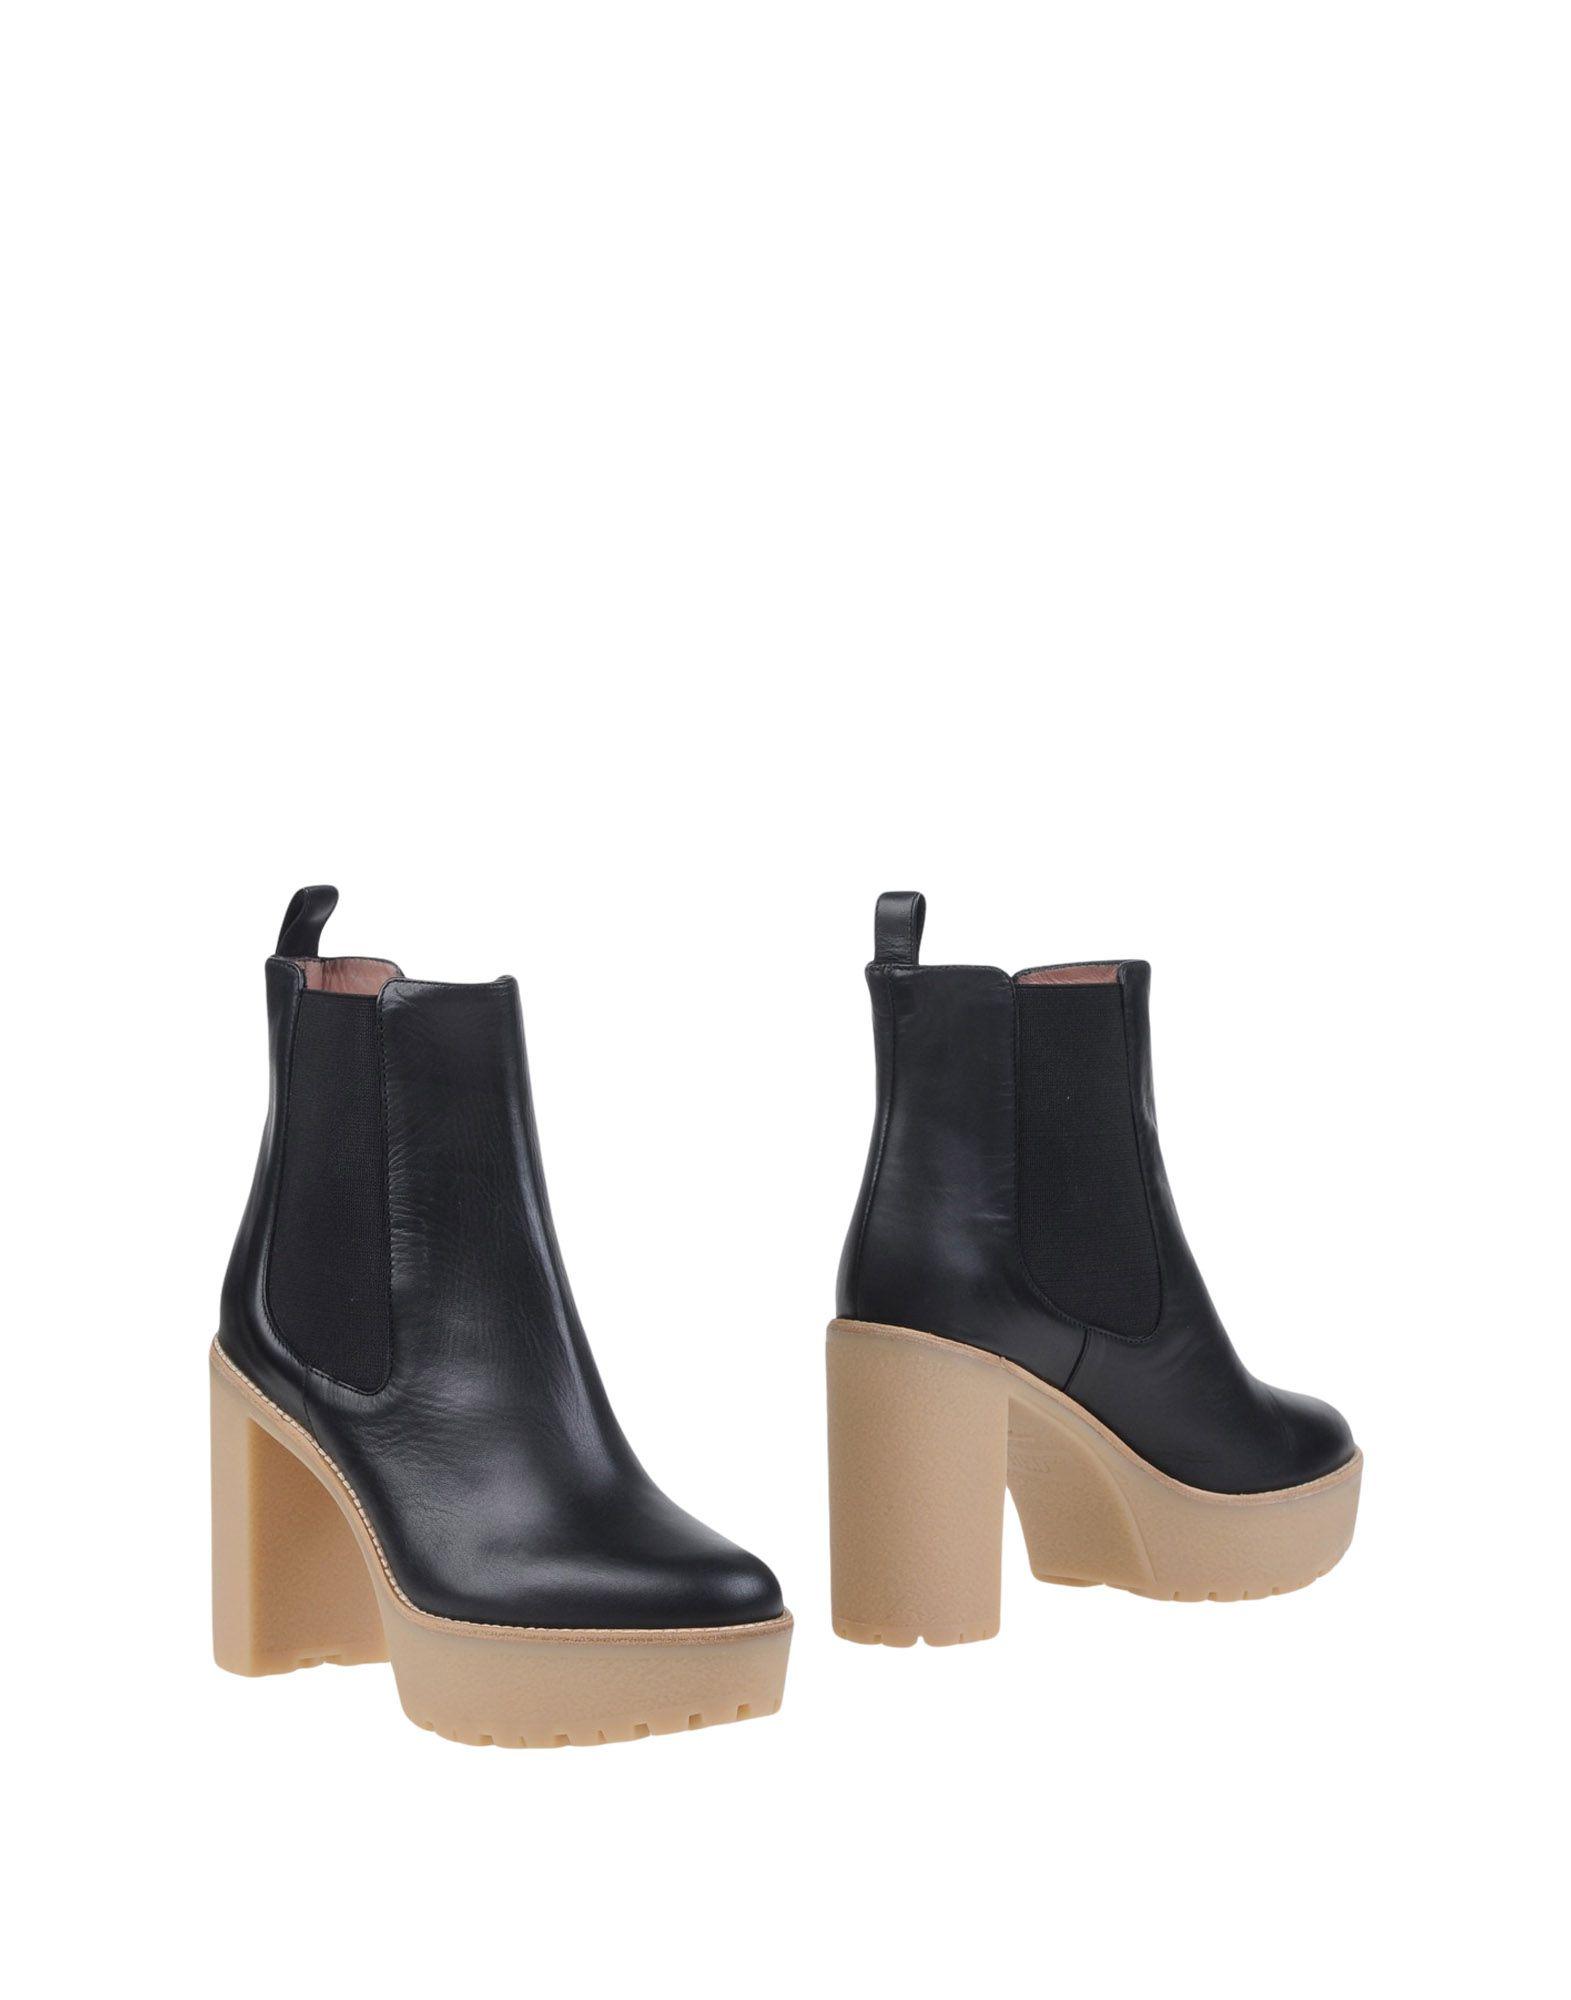 ROT(V) Chelsea Stiefel Damen Gutes Preis-Leistungs-Verhältnis, es lohnt sich 4208